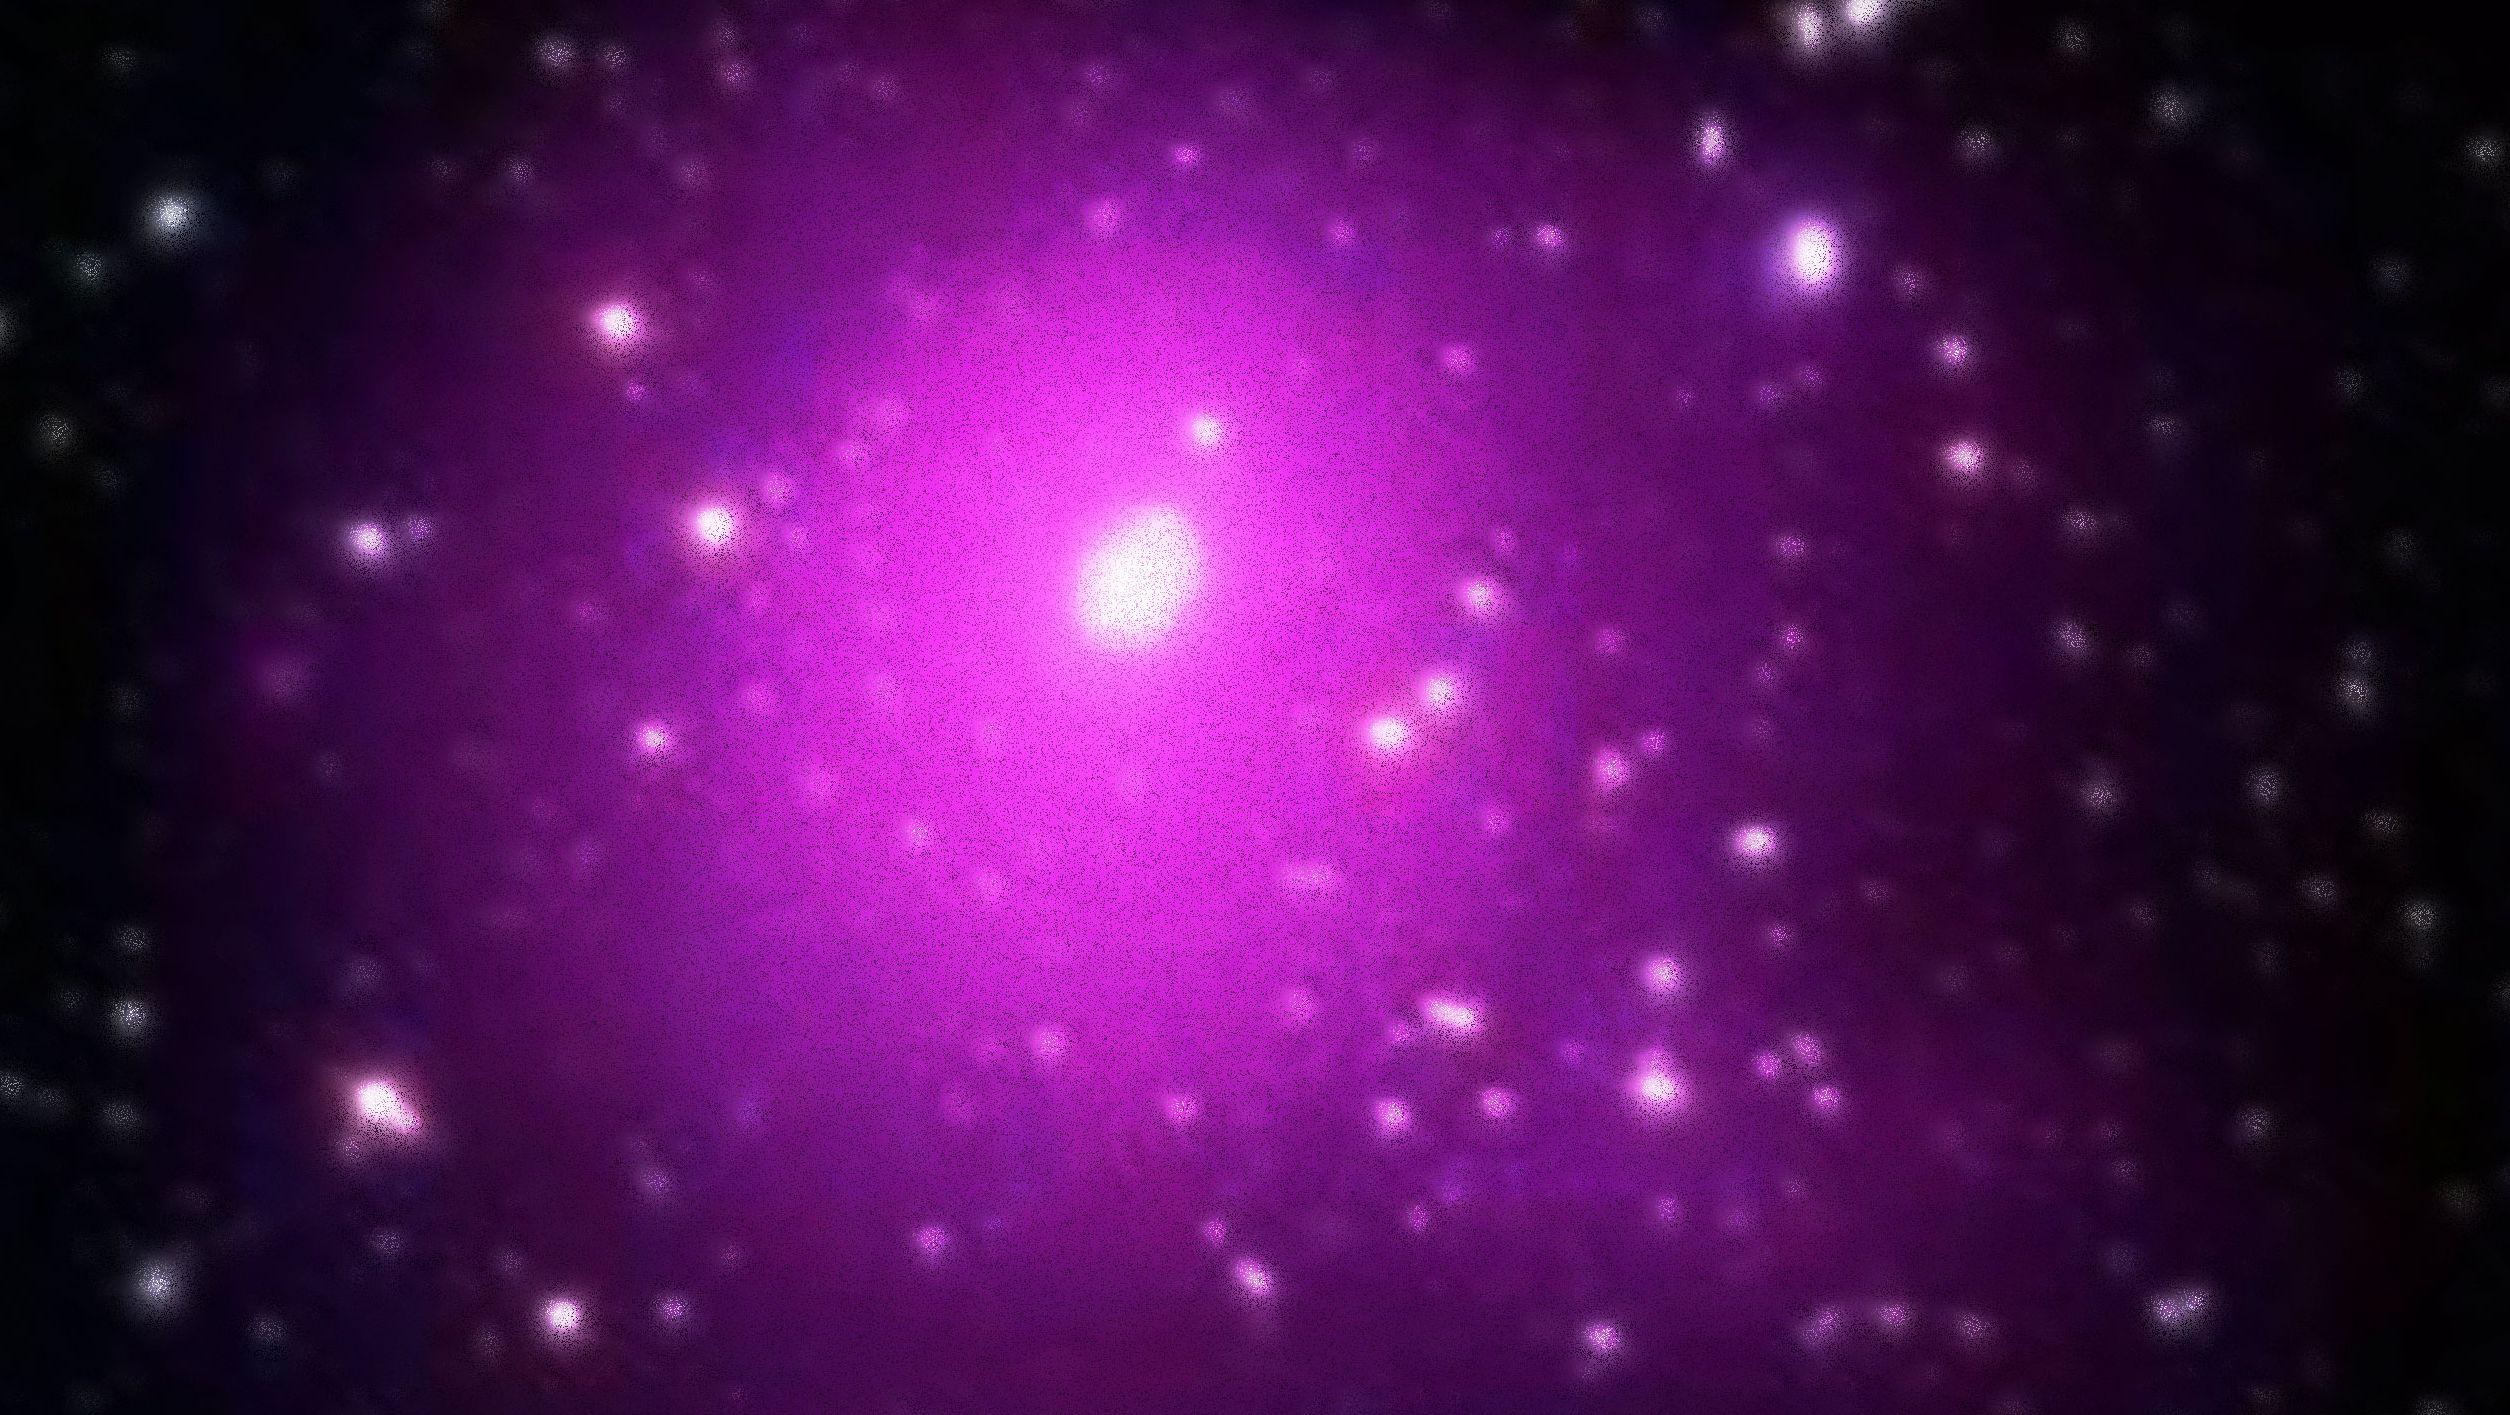 太陽の400億倍の質量、観測史上最大のブラックホール見つかる